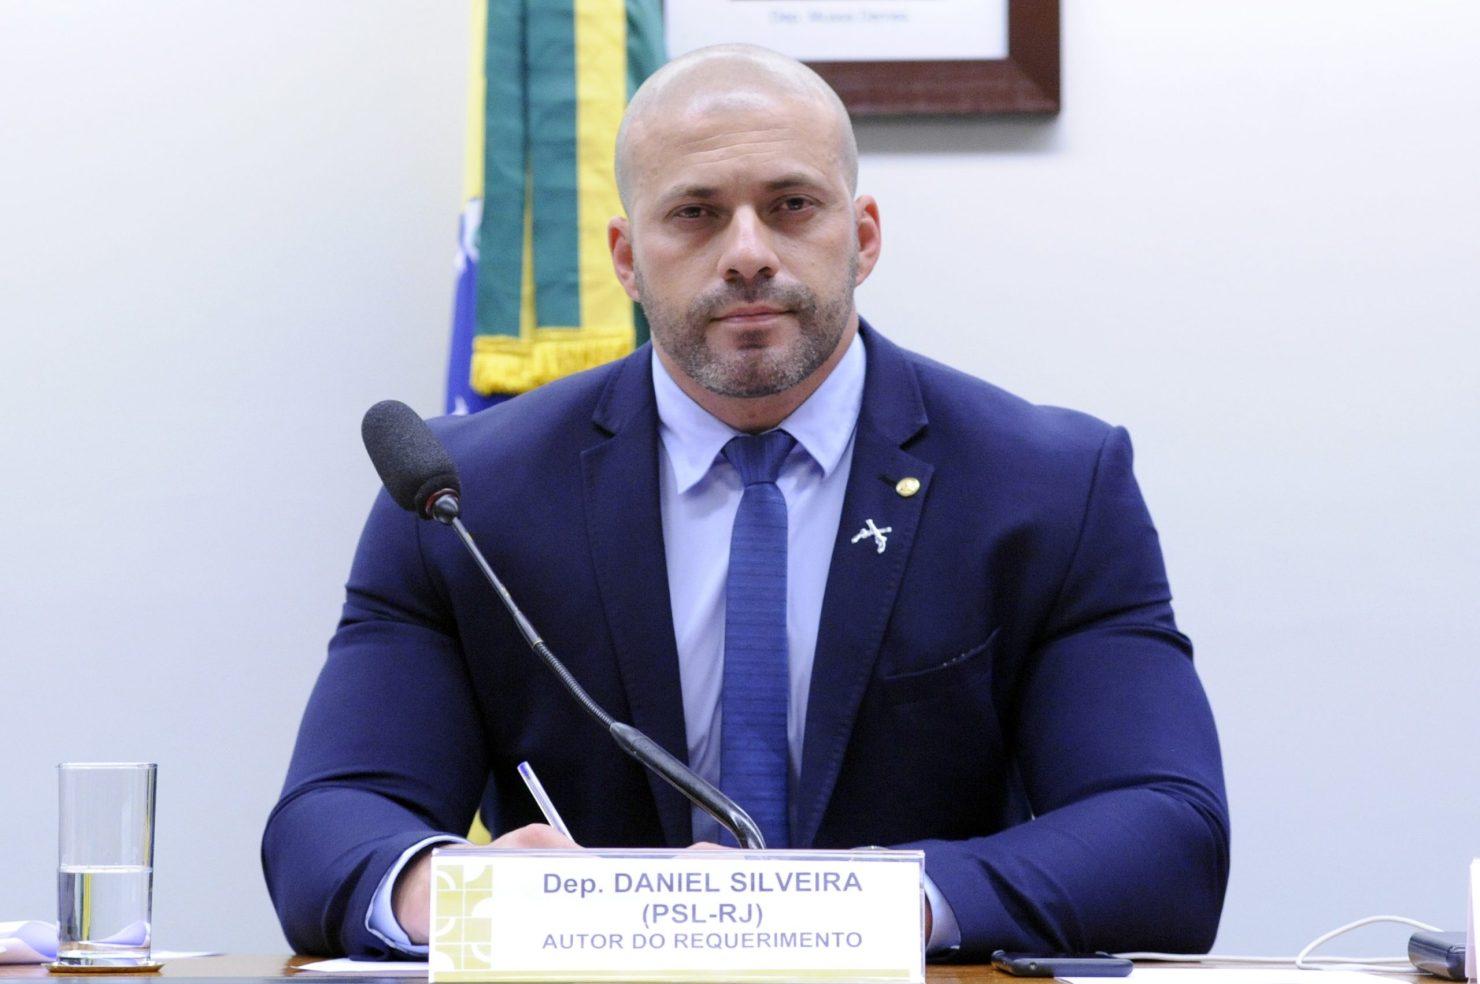 Conselho de Ética aprova suspensão do mandato de Daniel Silveira